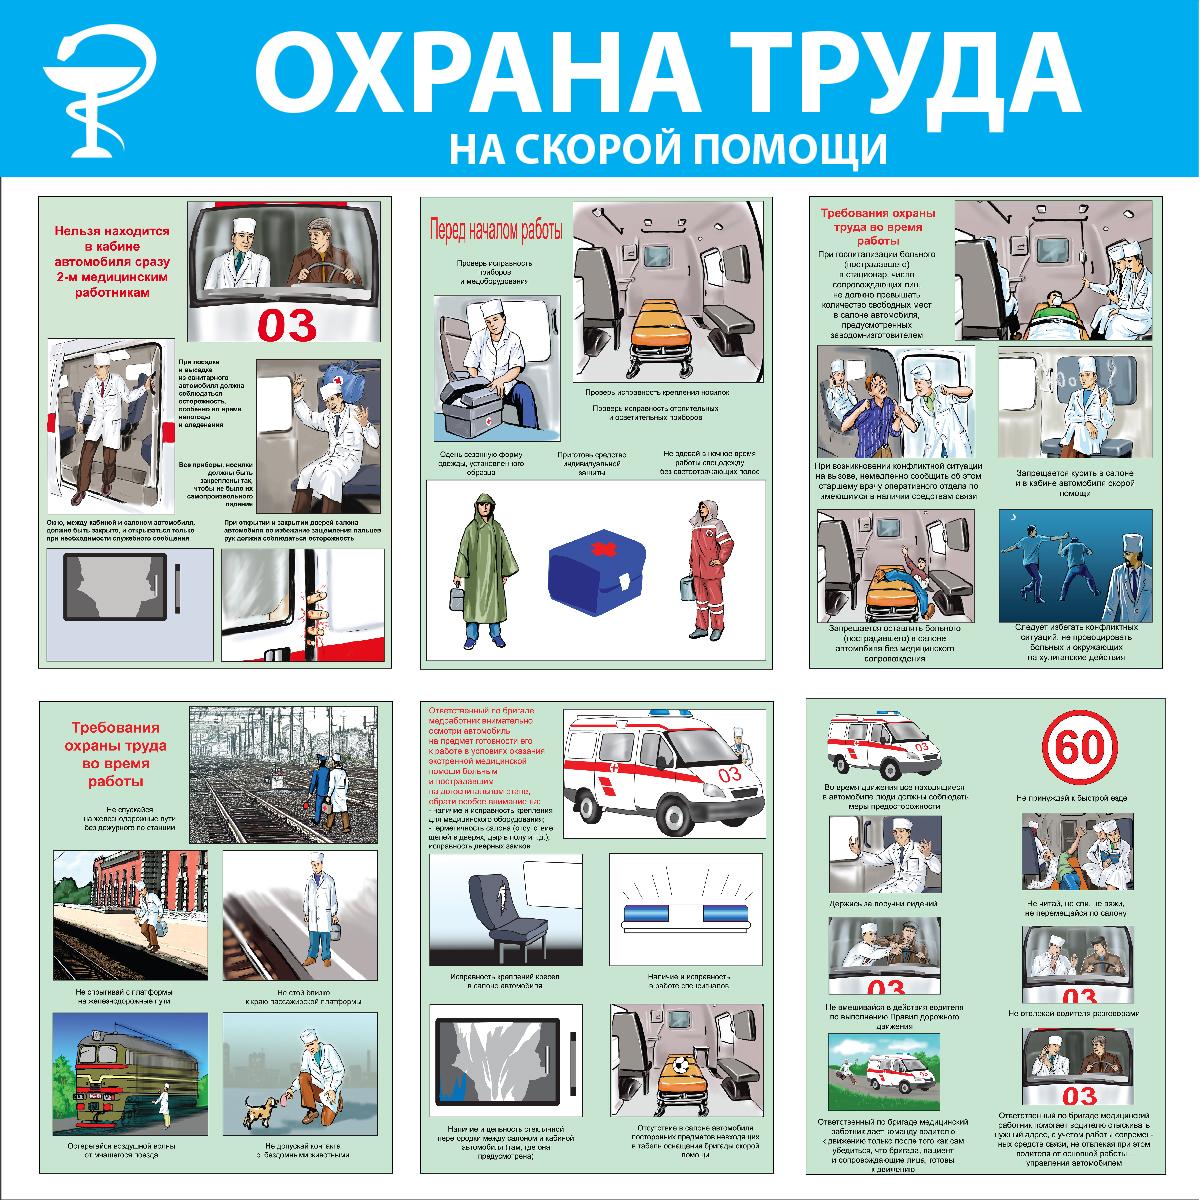 Охрана труда на скорой помощи  1000х1000 мм